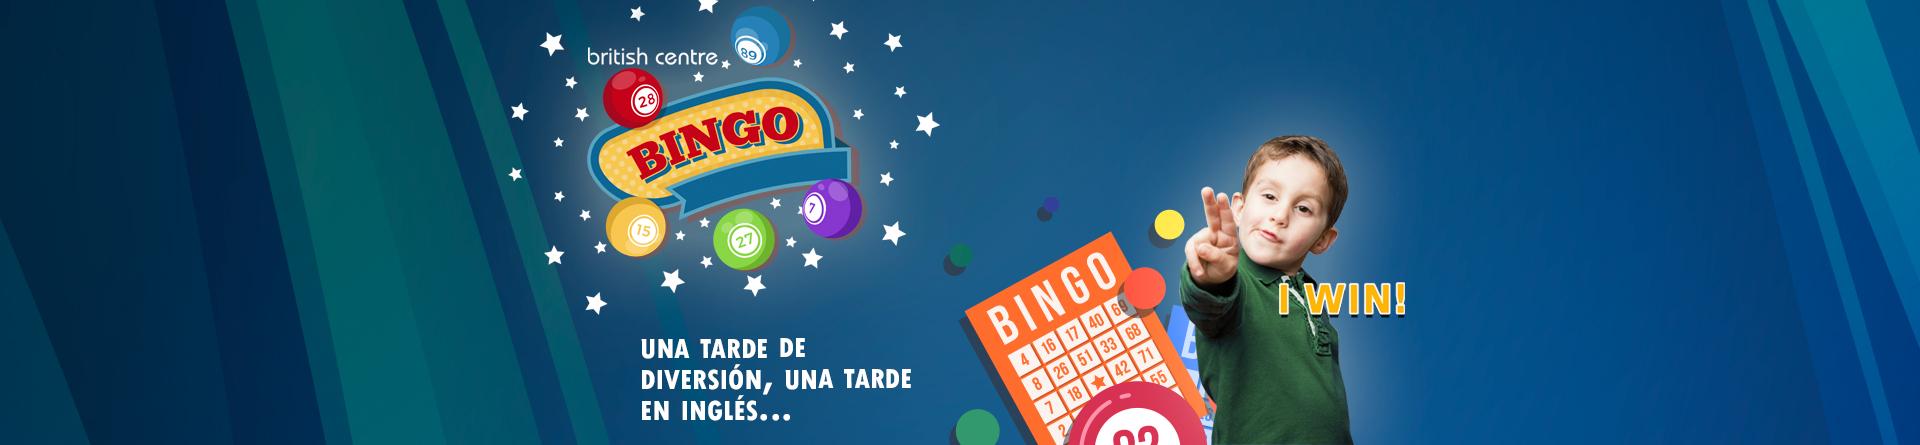 fondo bingo night